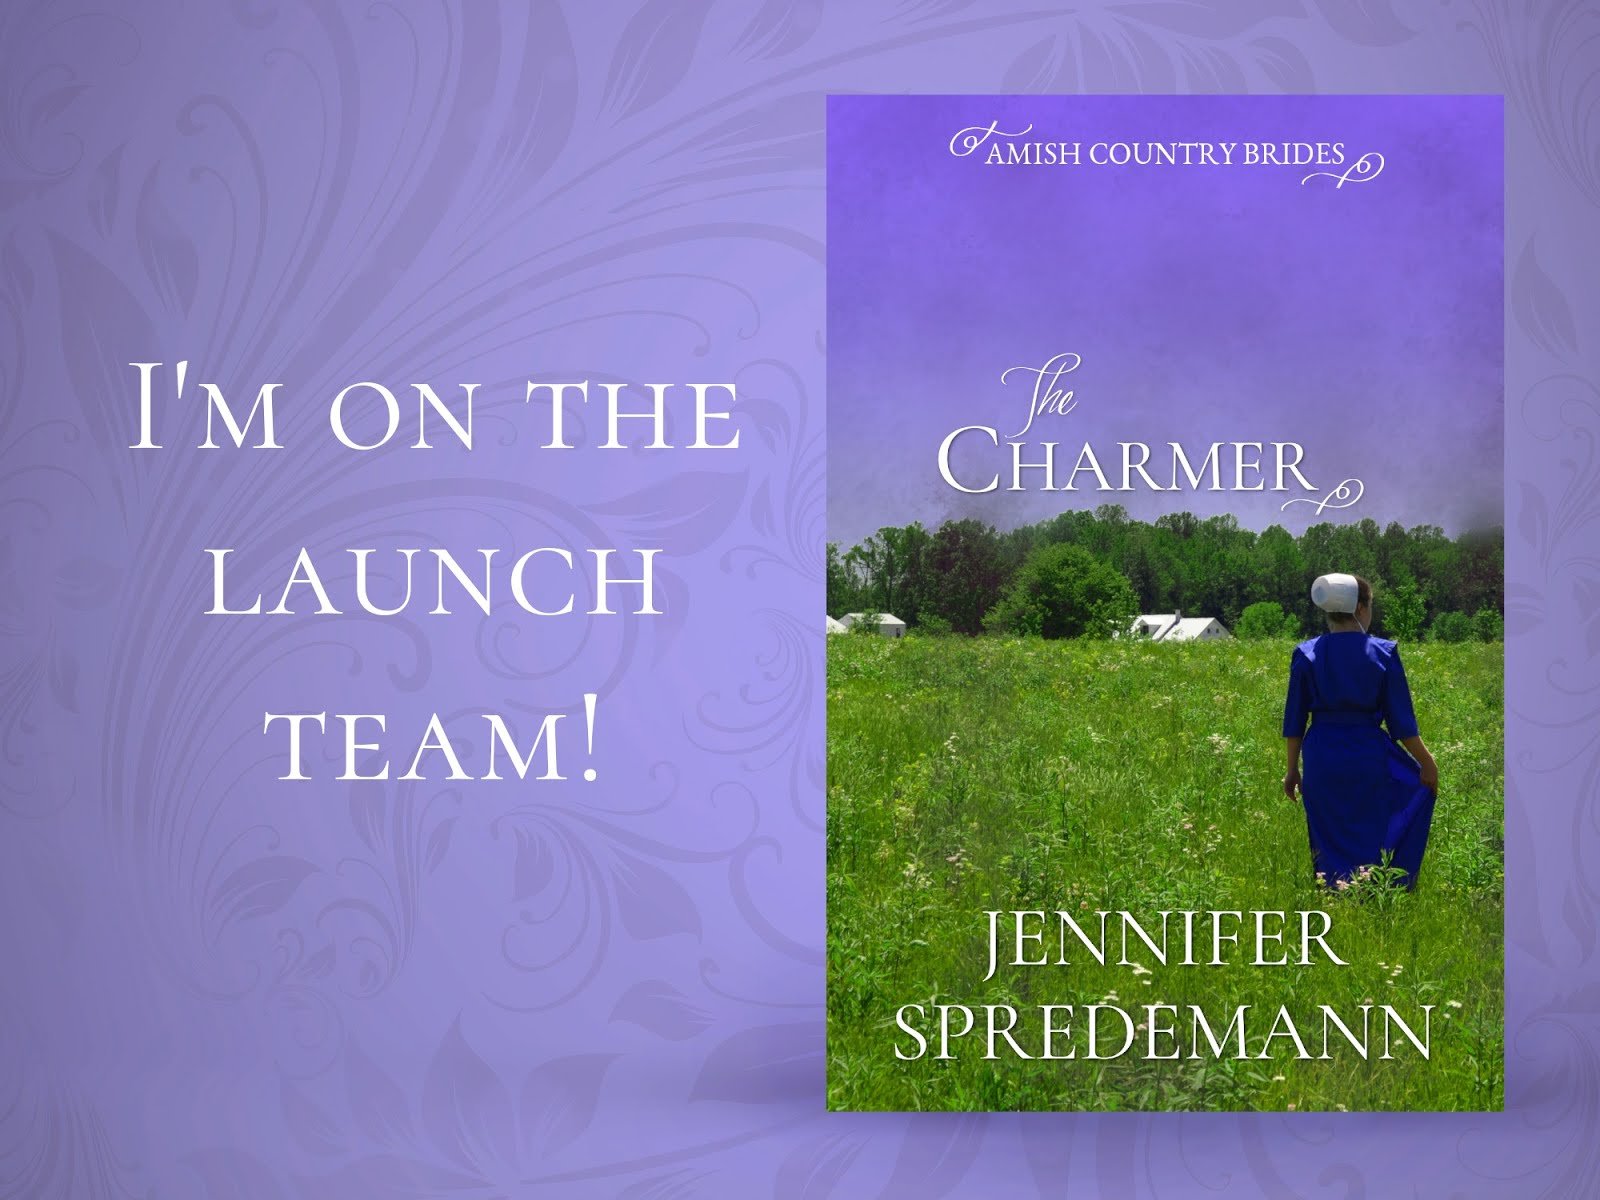 Jennifer Spredemann Launch Team